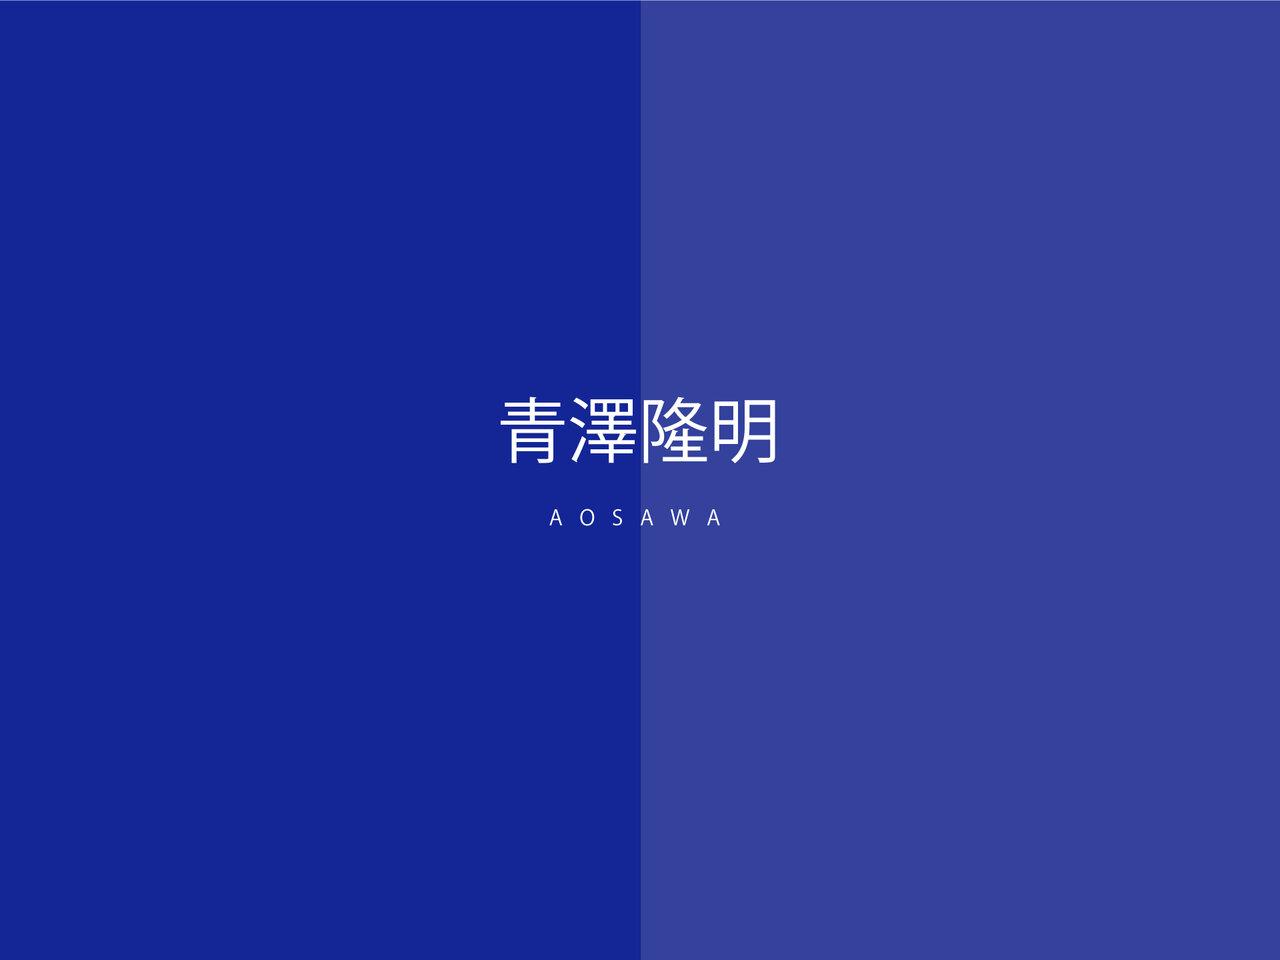 チャーリーと転石工場 - チャーリー・ワッツへの感謝 (青澤隆明)